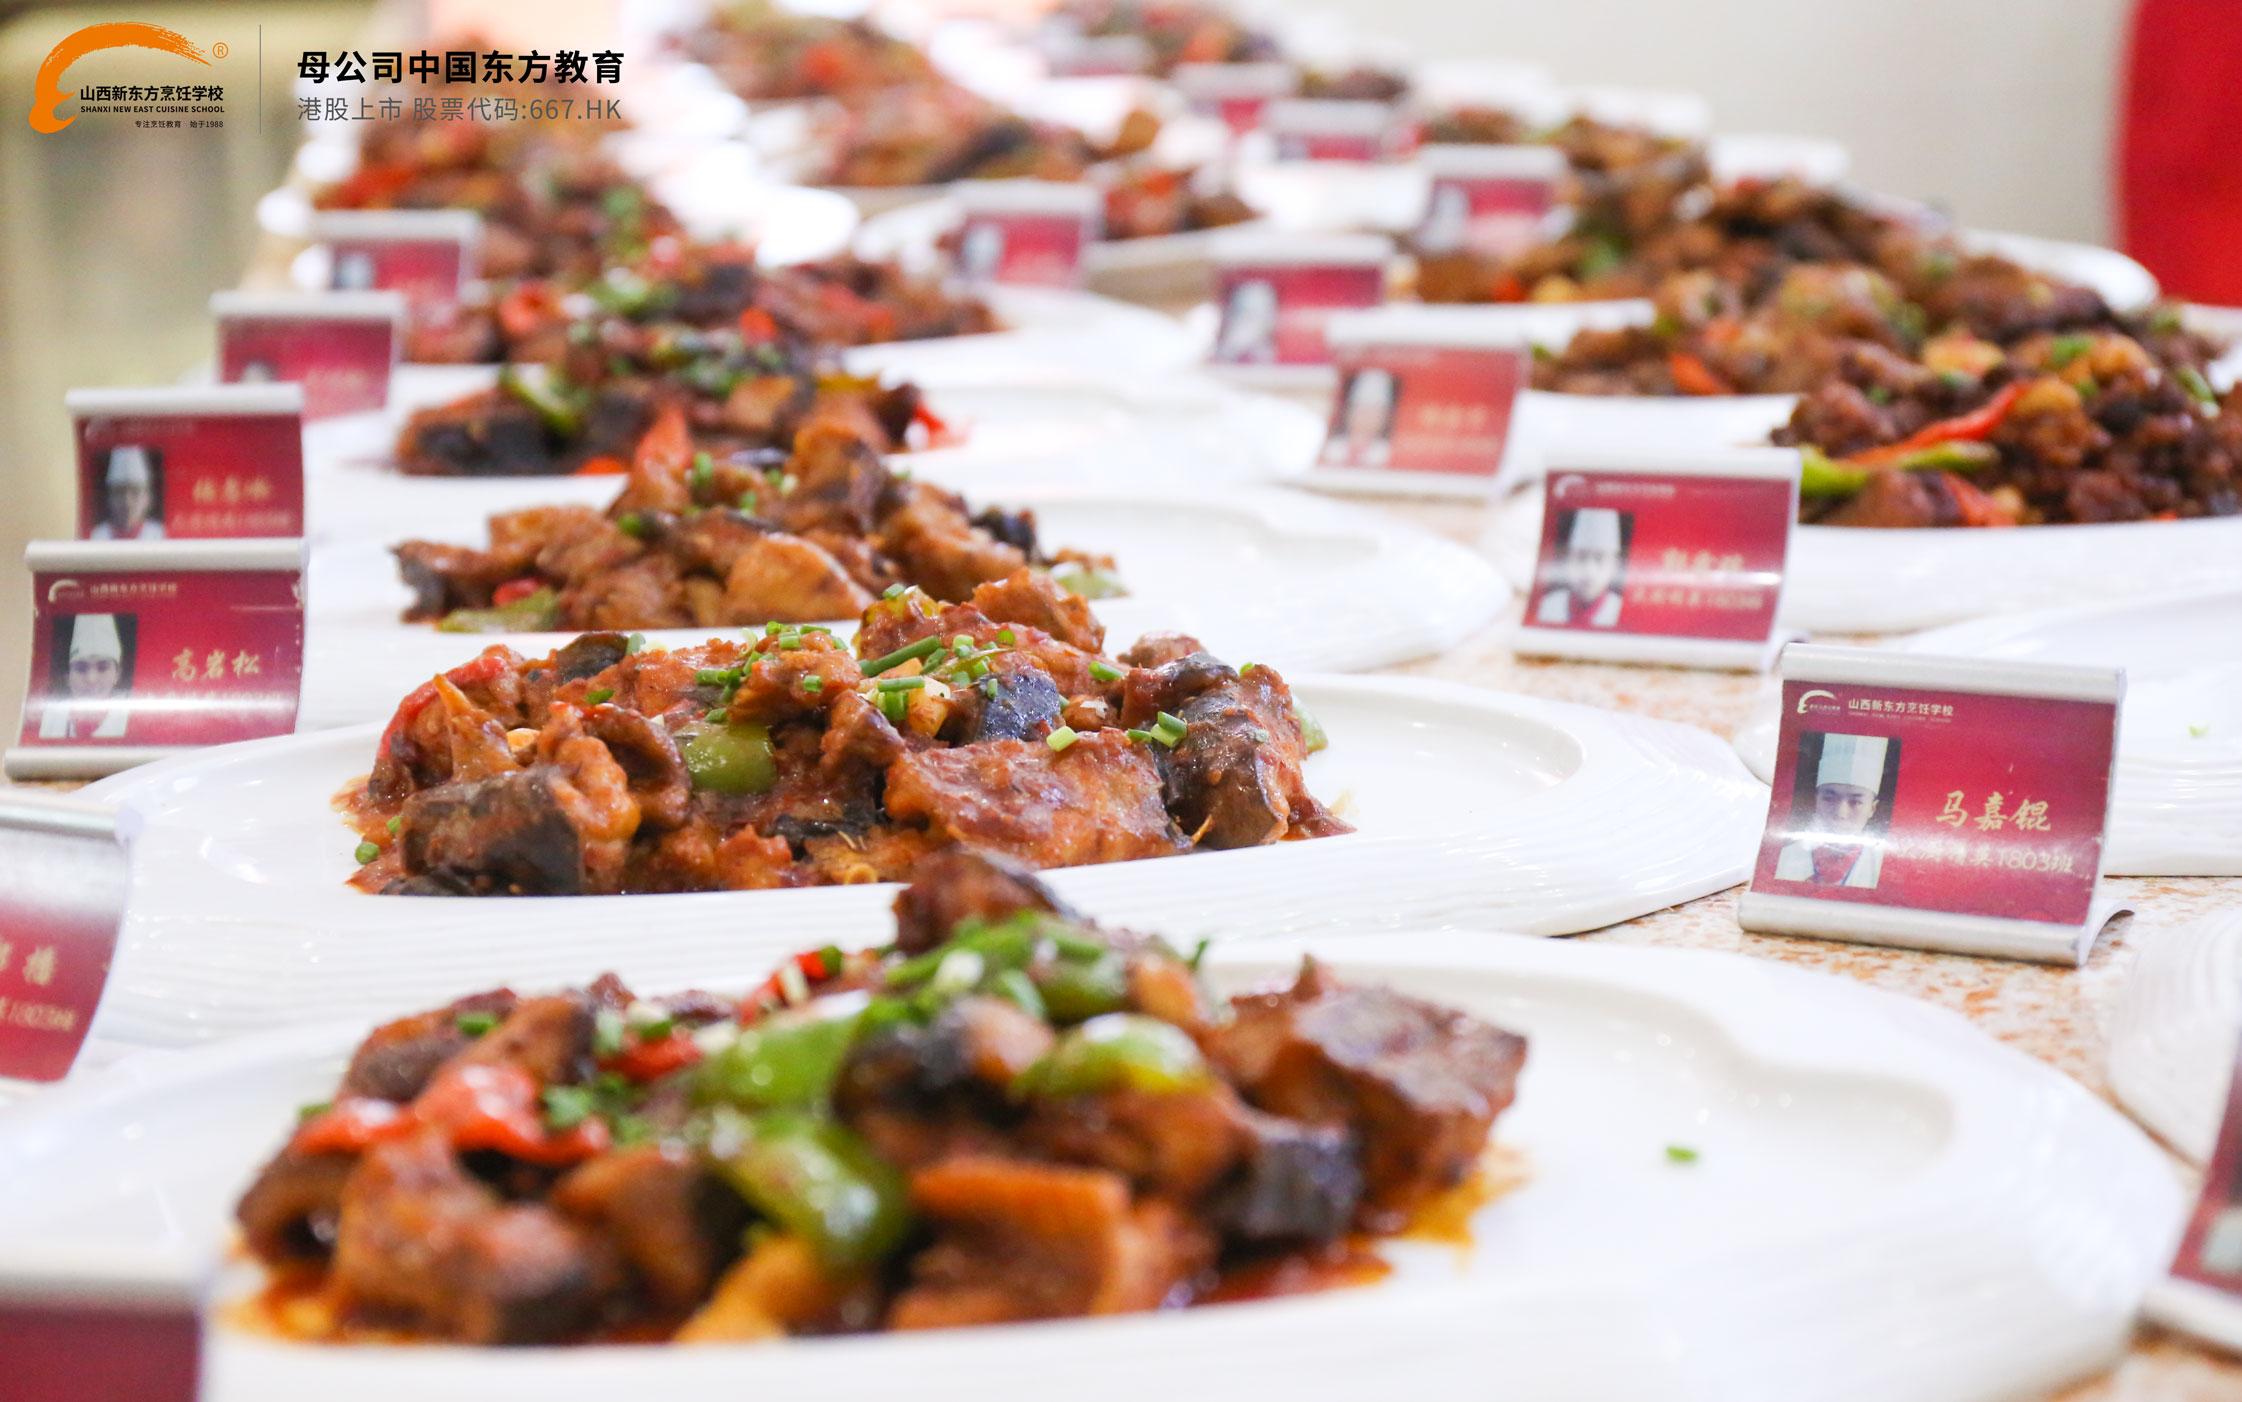 中国餐饮报告:今年1-7月营收1